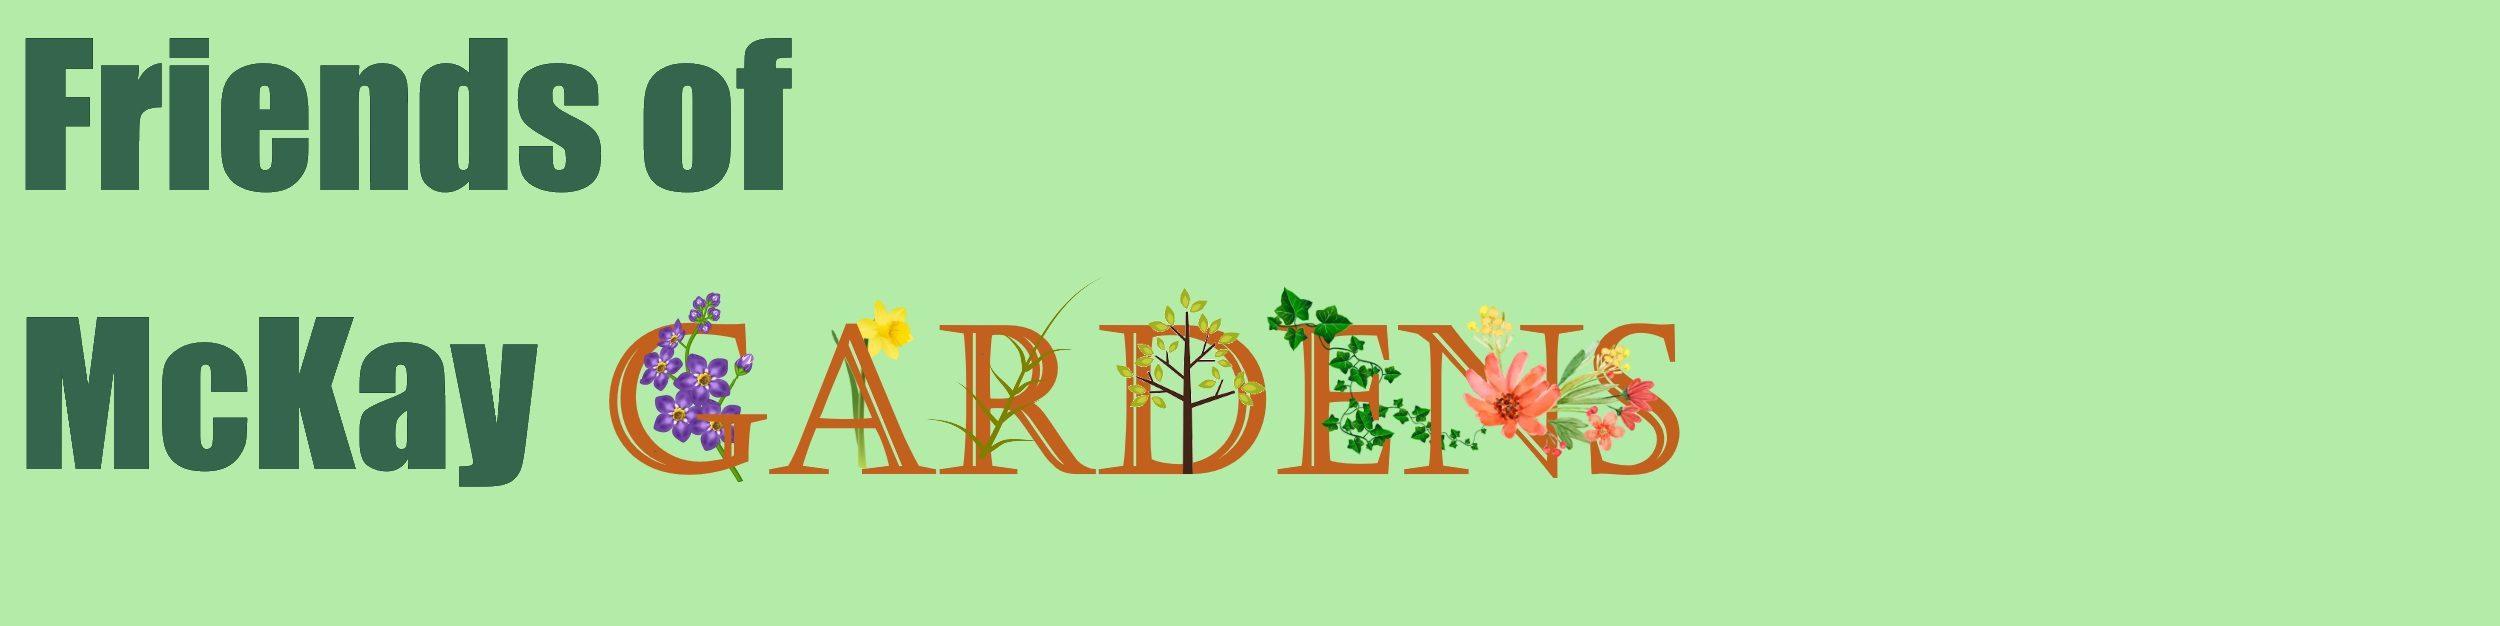 Friends of McKay Gardens